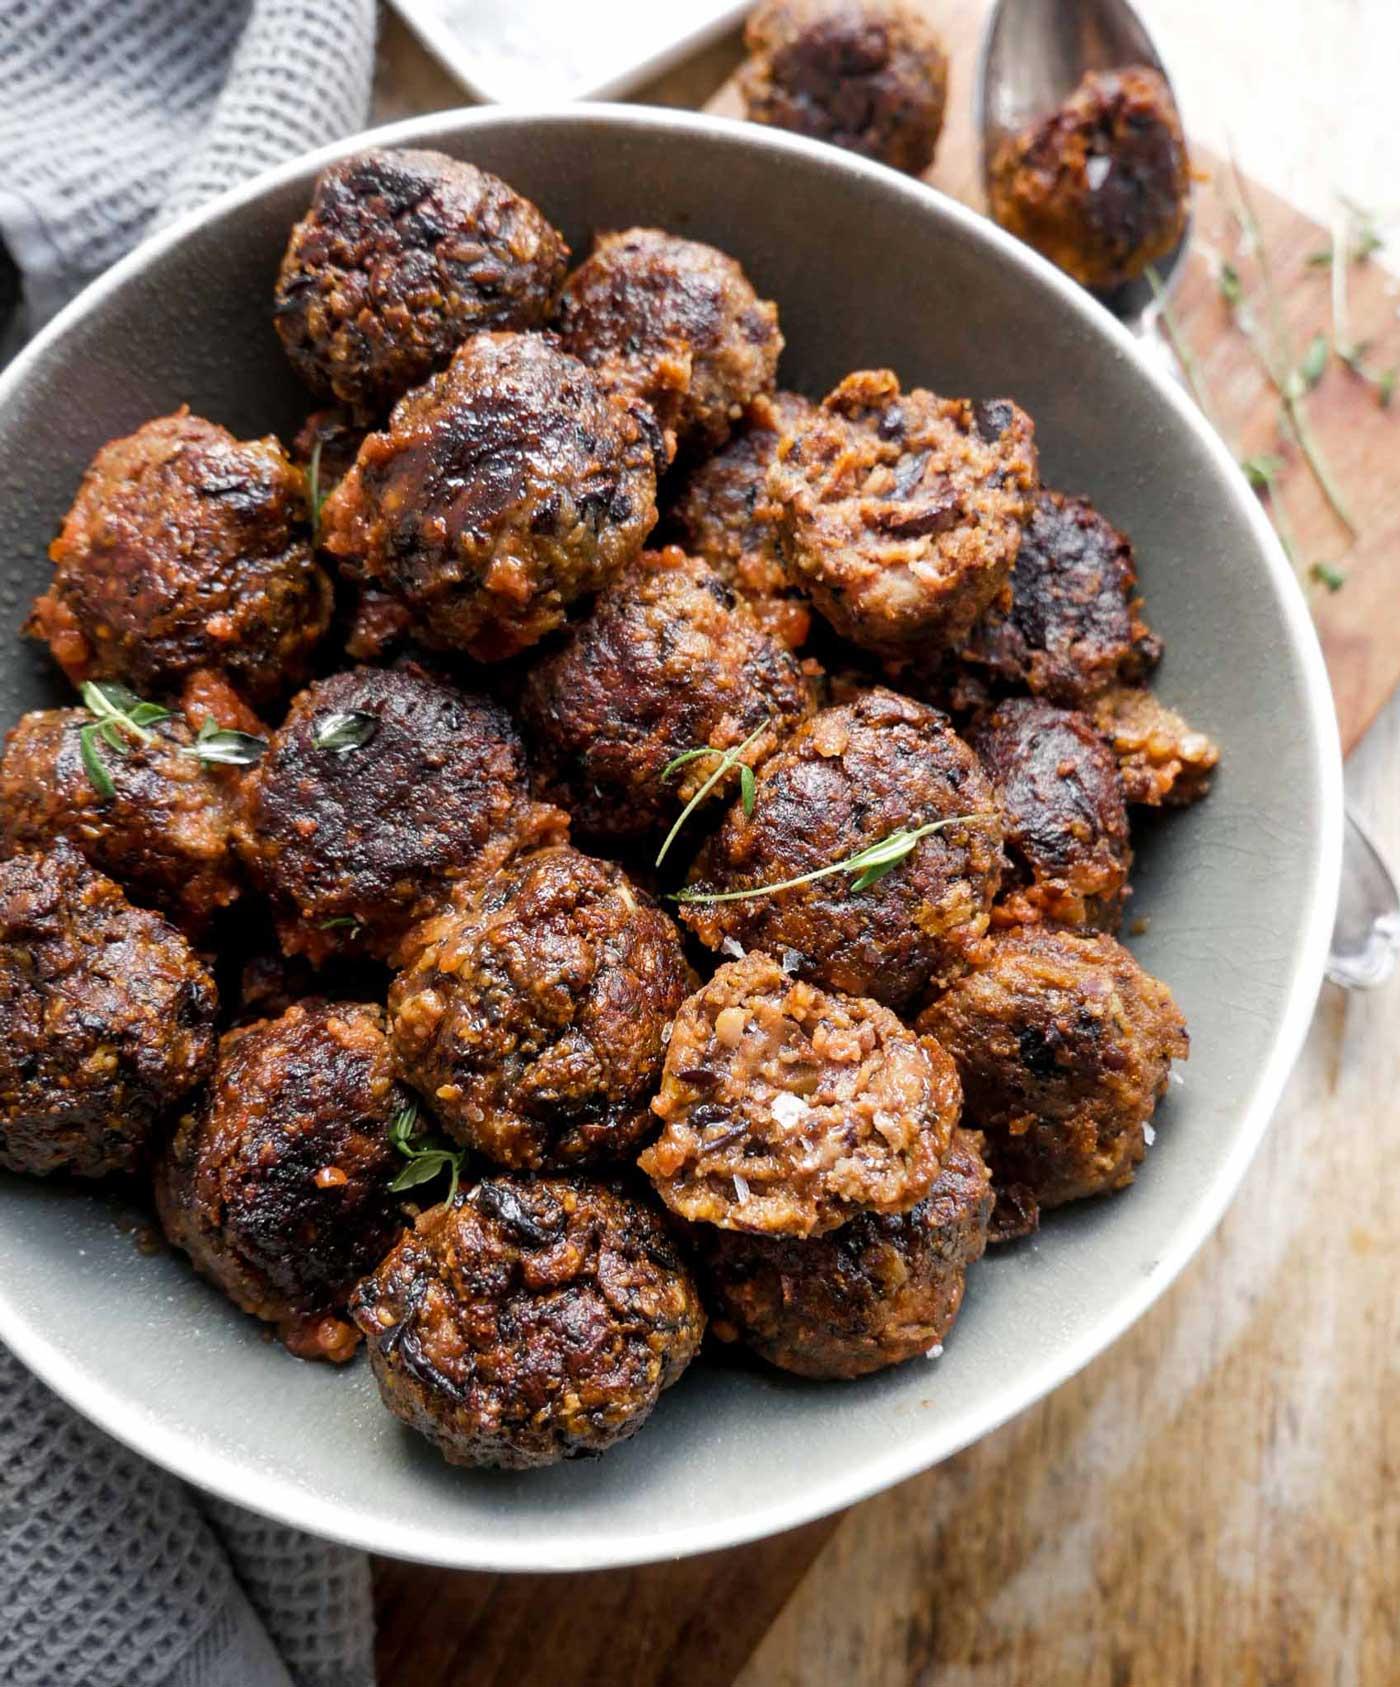 bedste vegansk kødbolle opskrift med sorte bønner